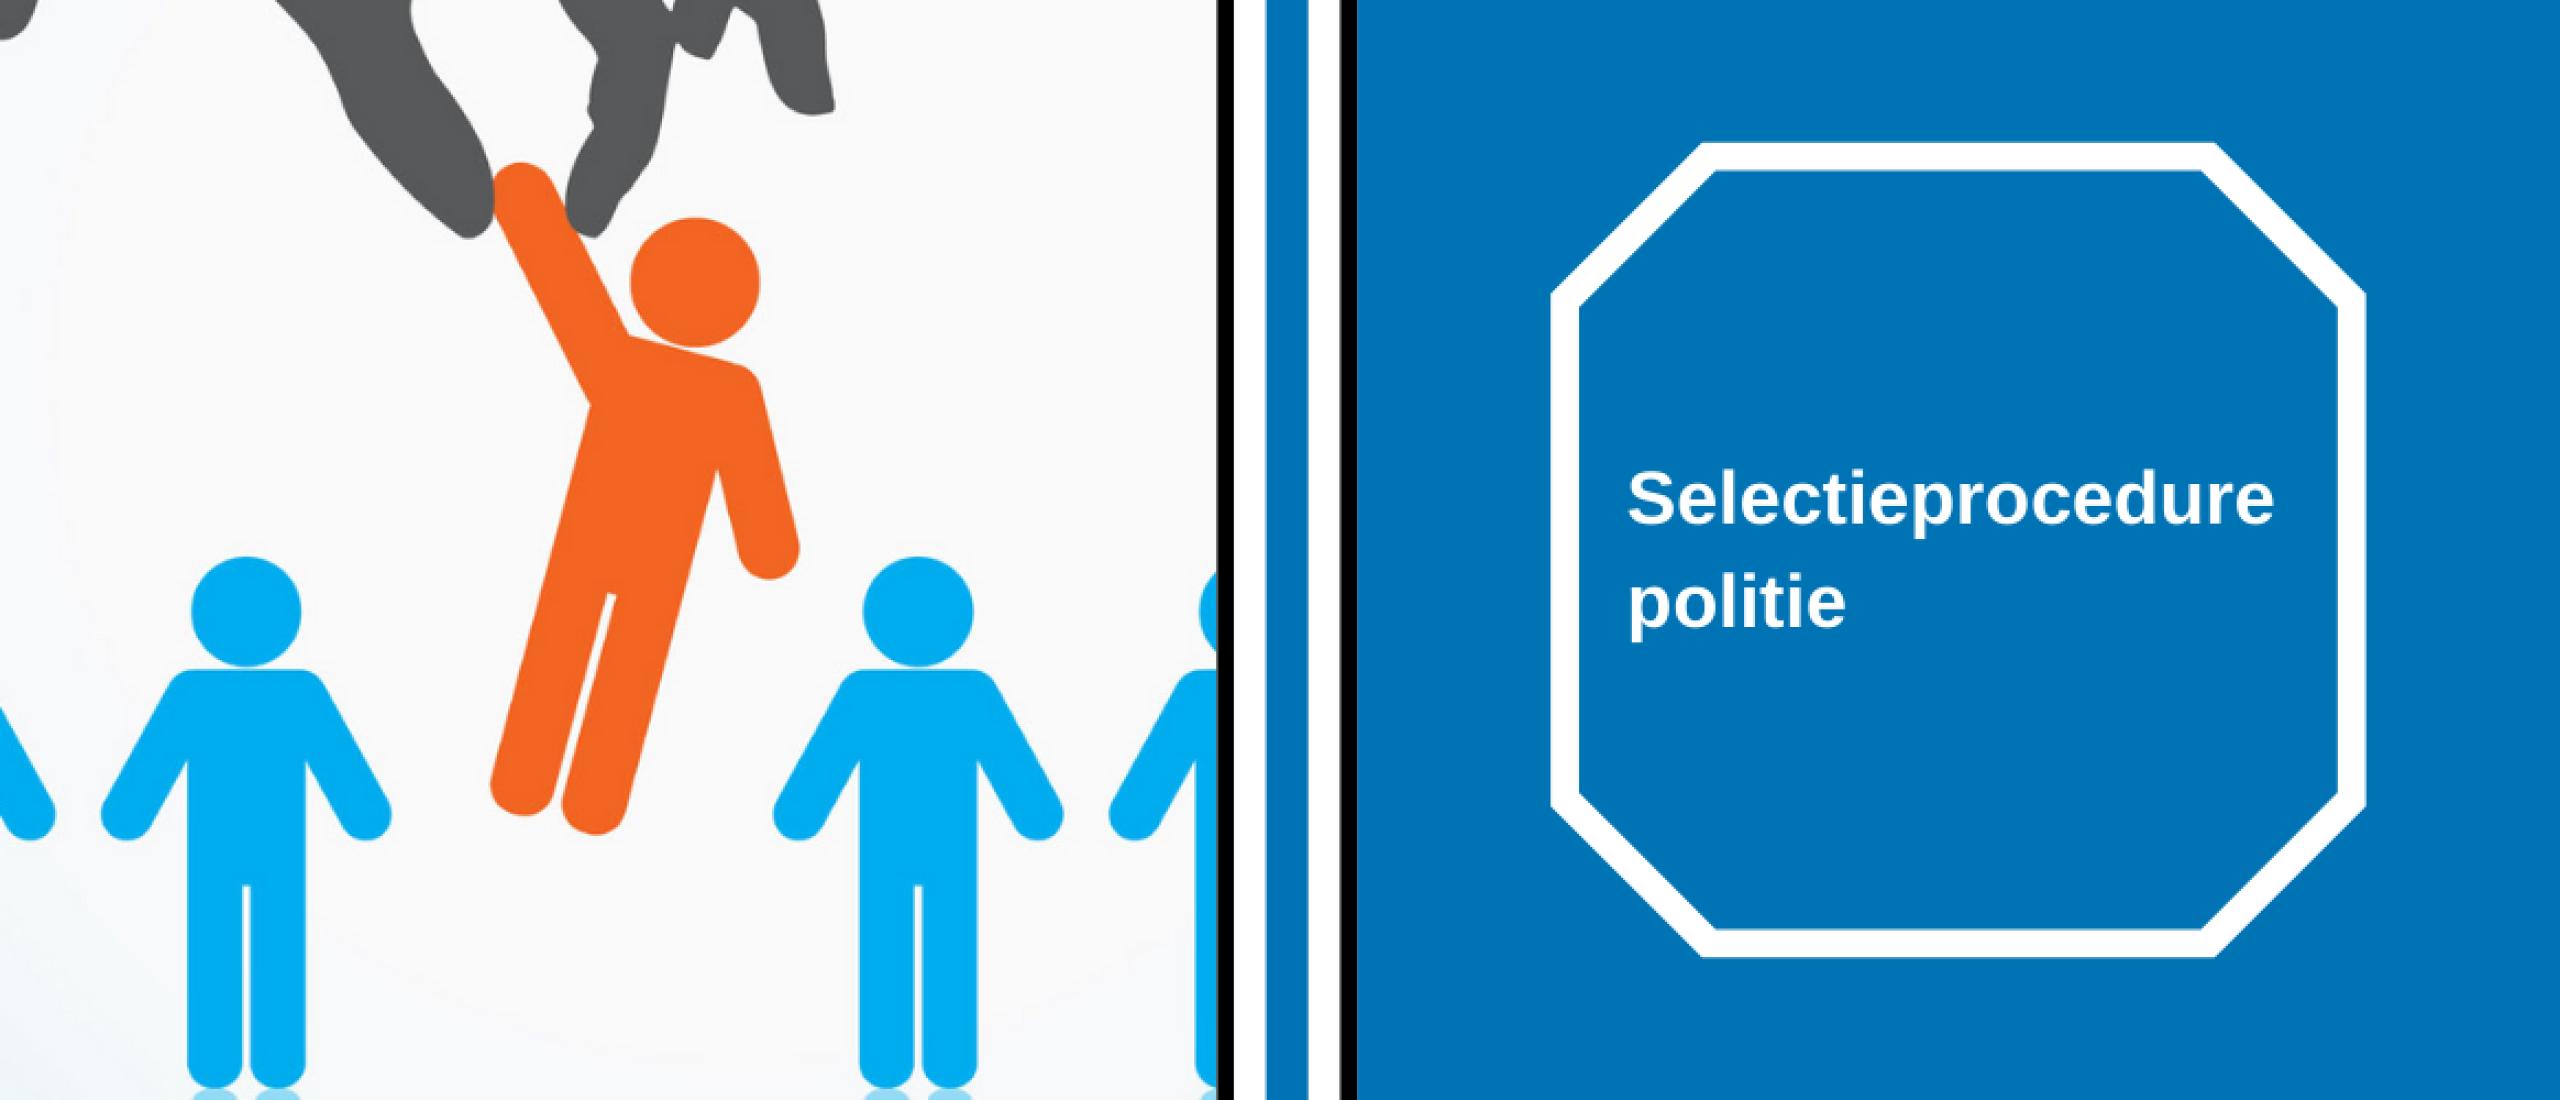 Selectieprocedure politie